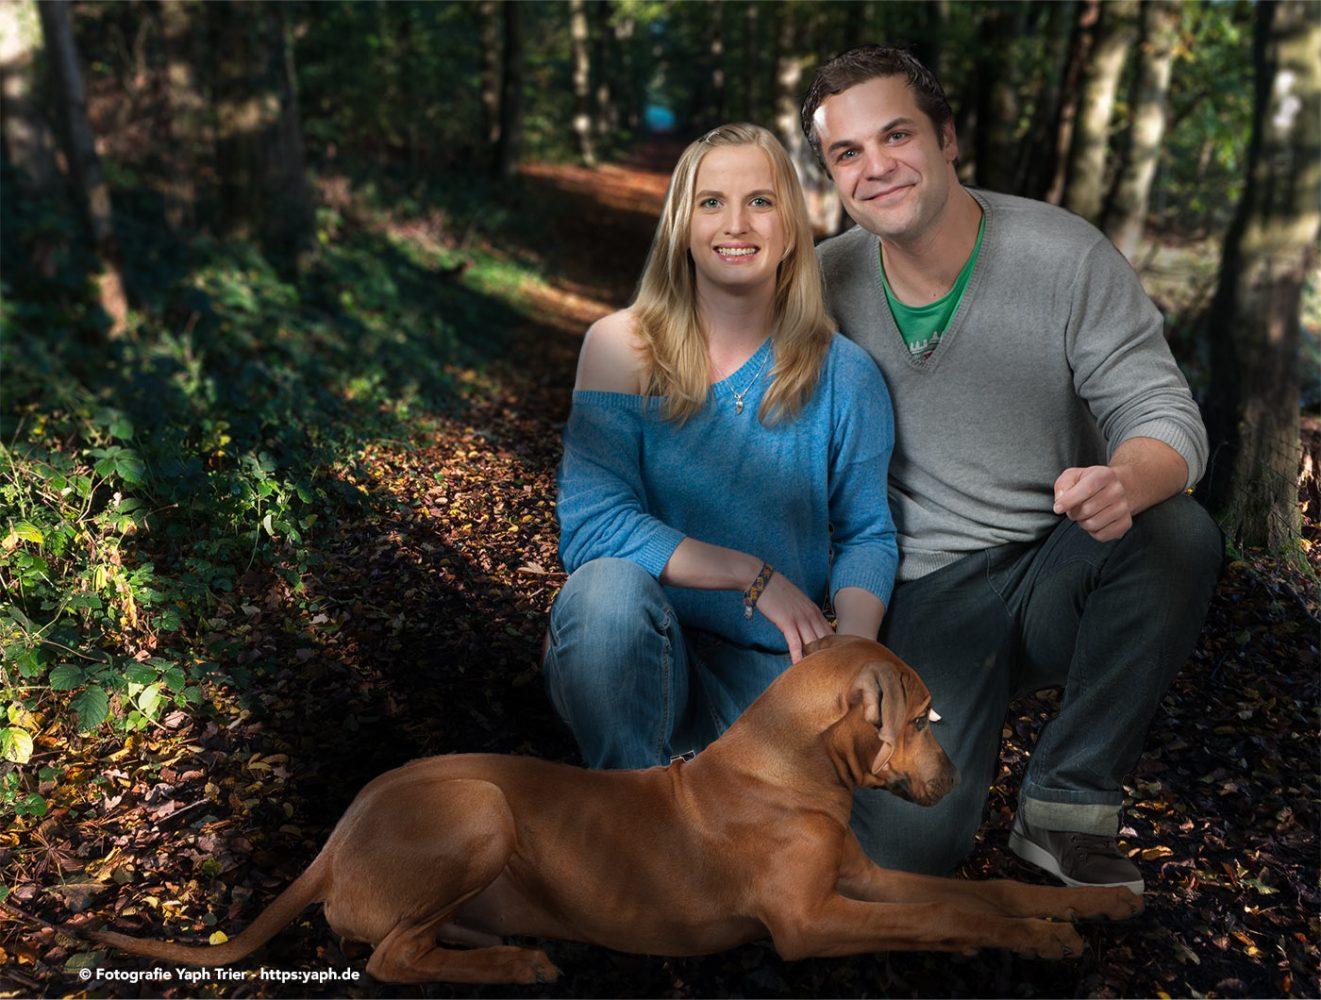 Hondefotoshooting und Familienfotos in Trier Fotostudio Yaph auf dem Petrisberg